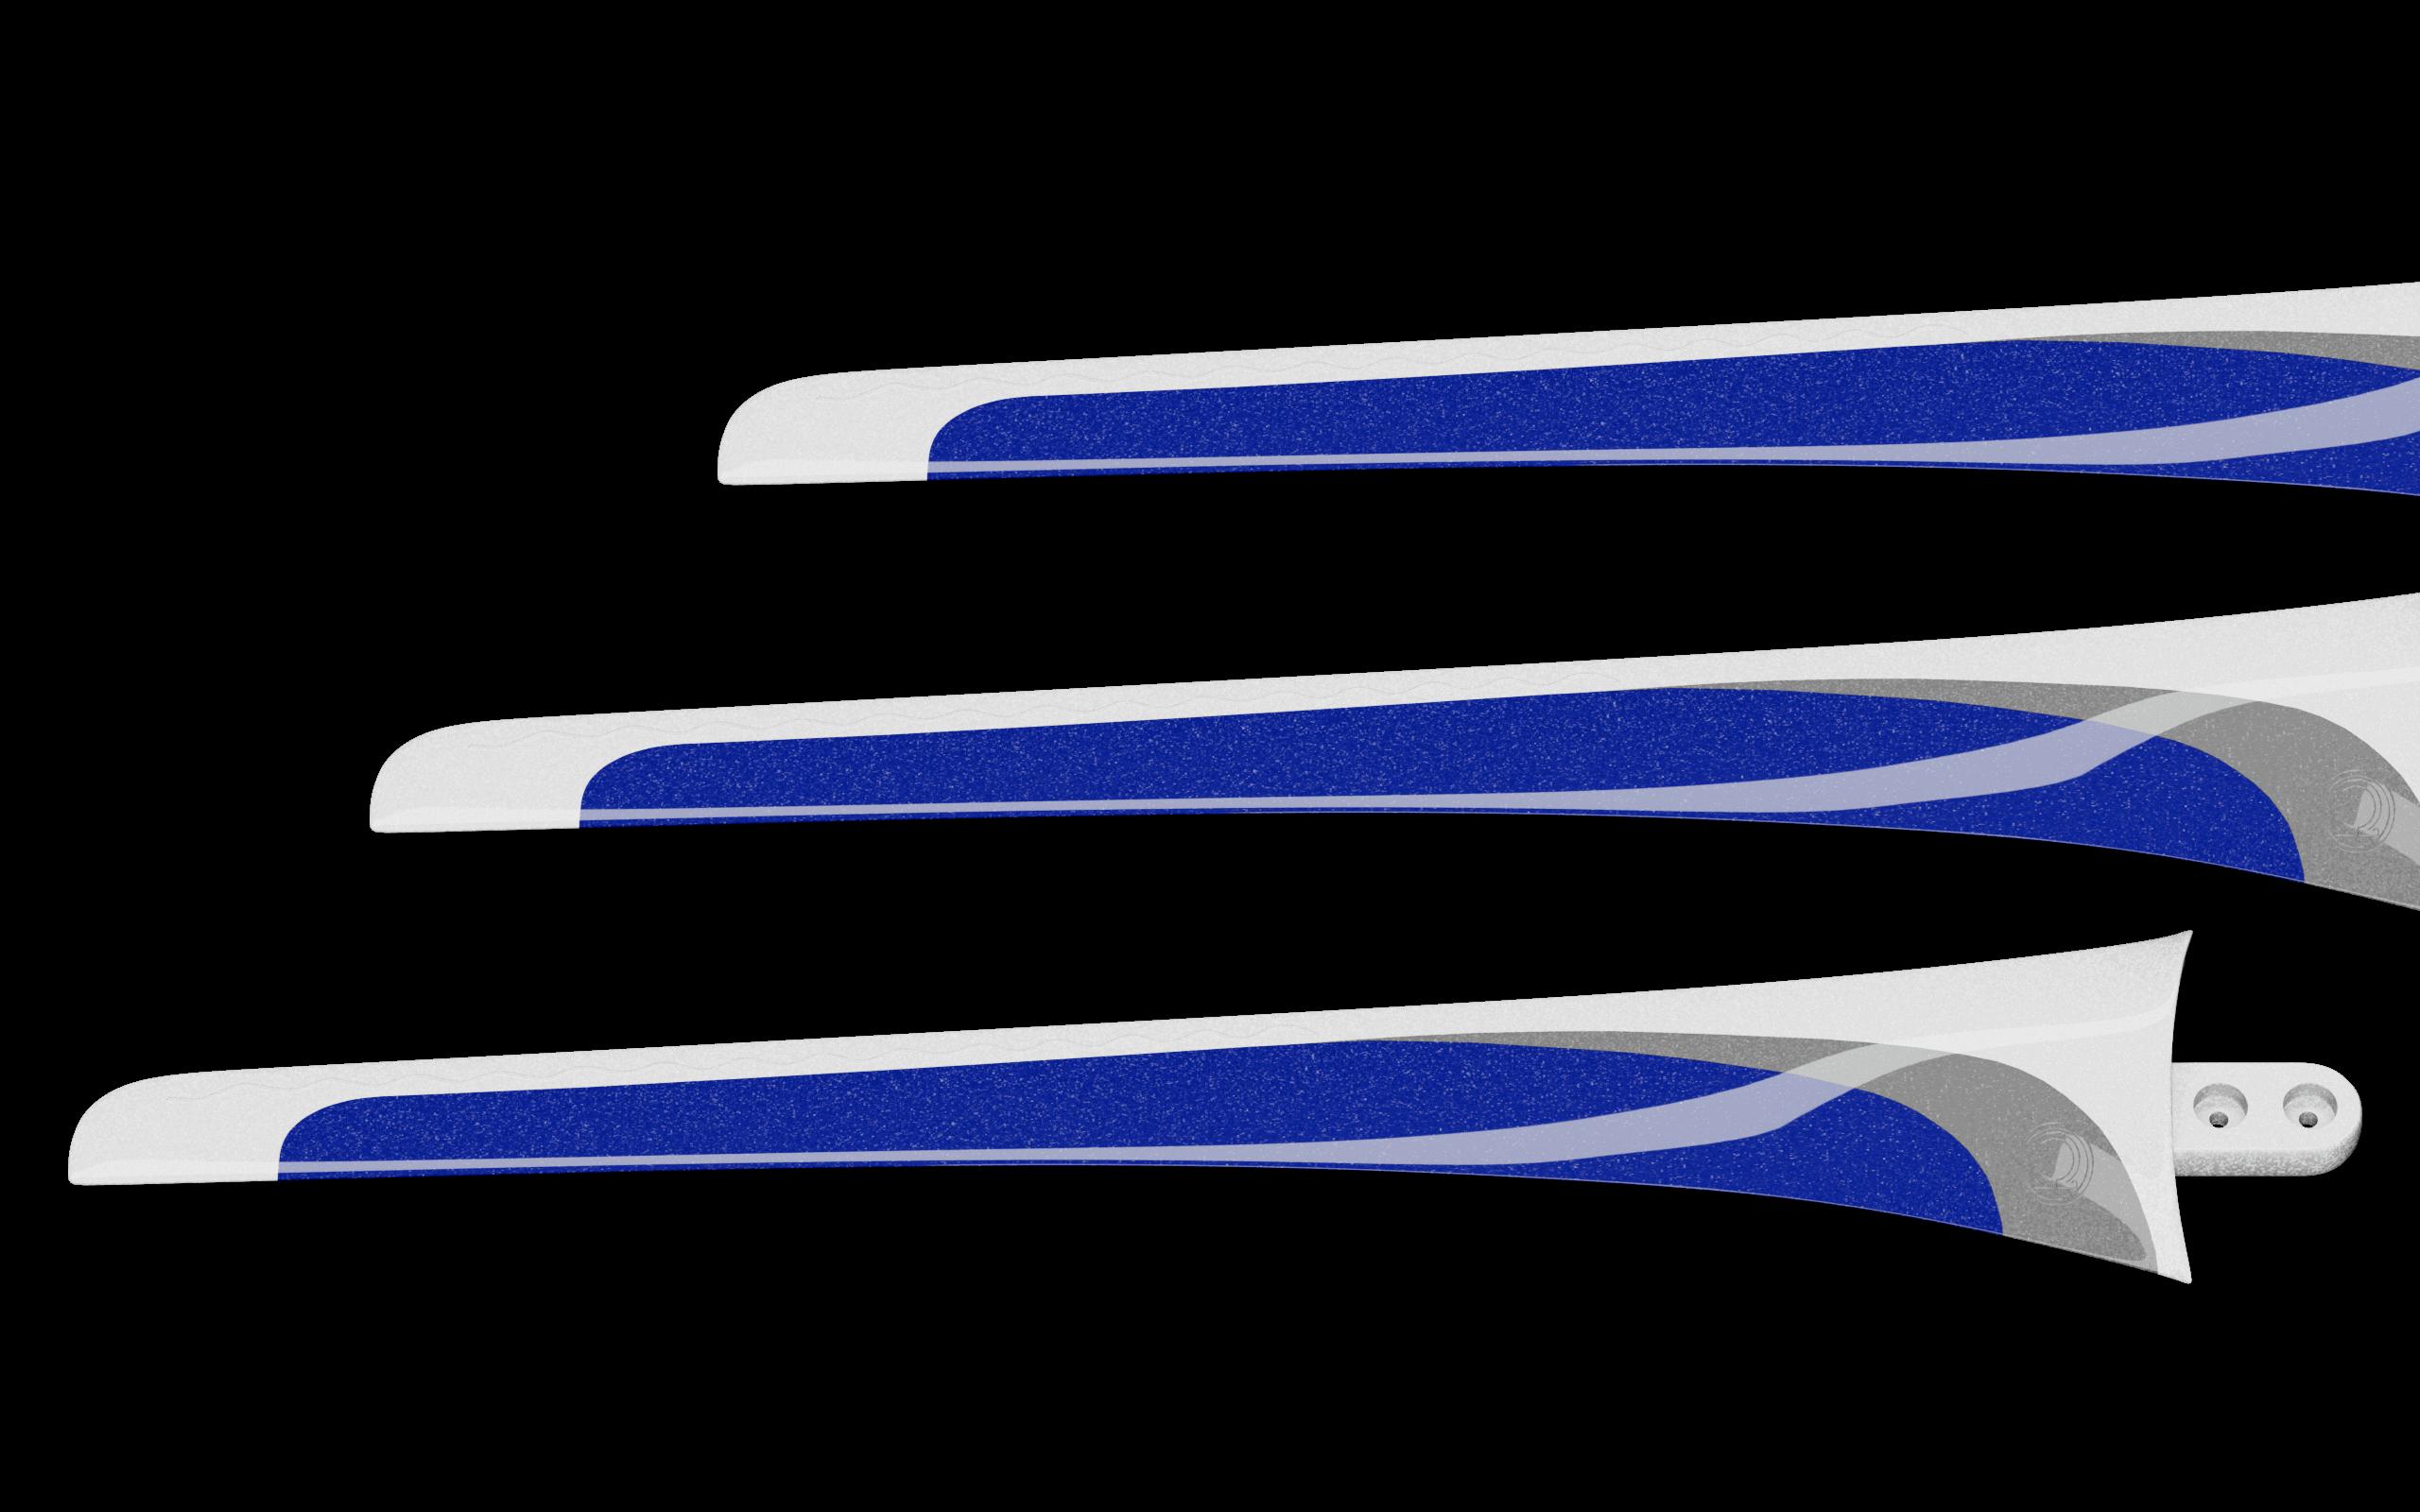 Sharky-S401-Rotorblatt-01_0002